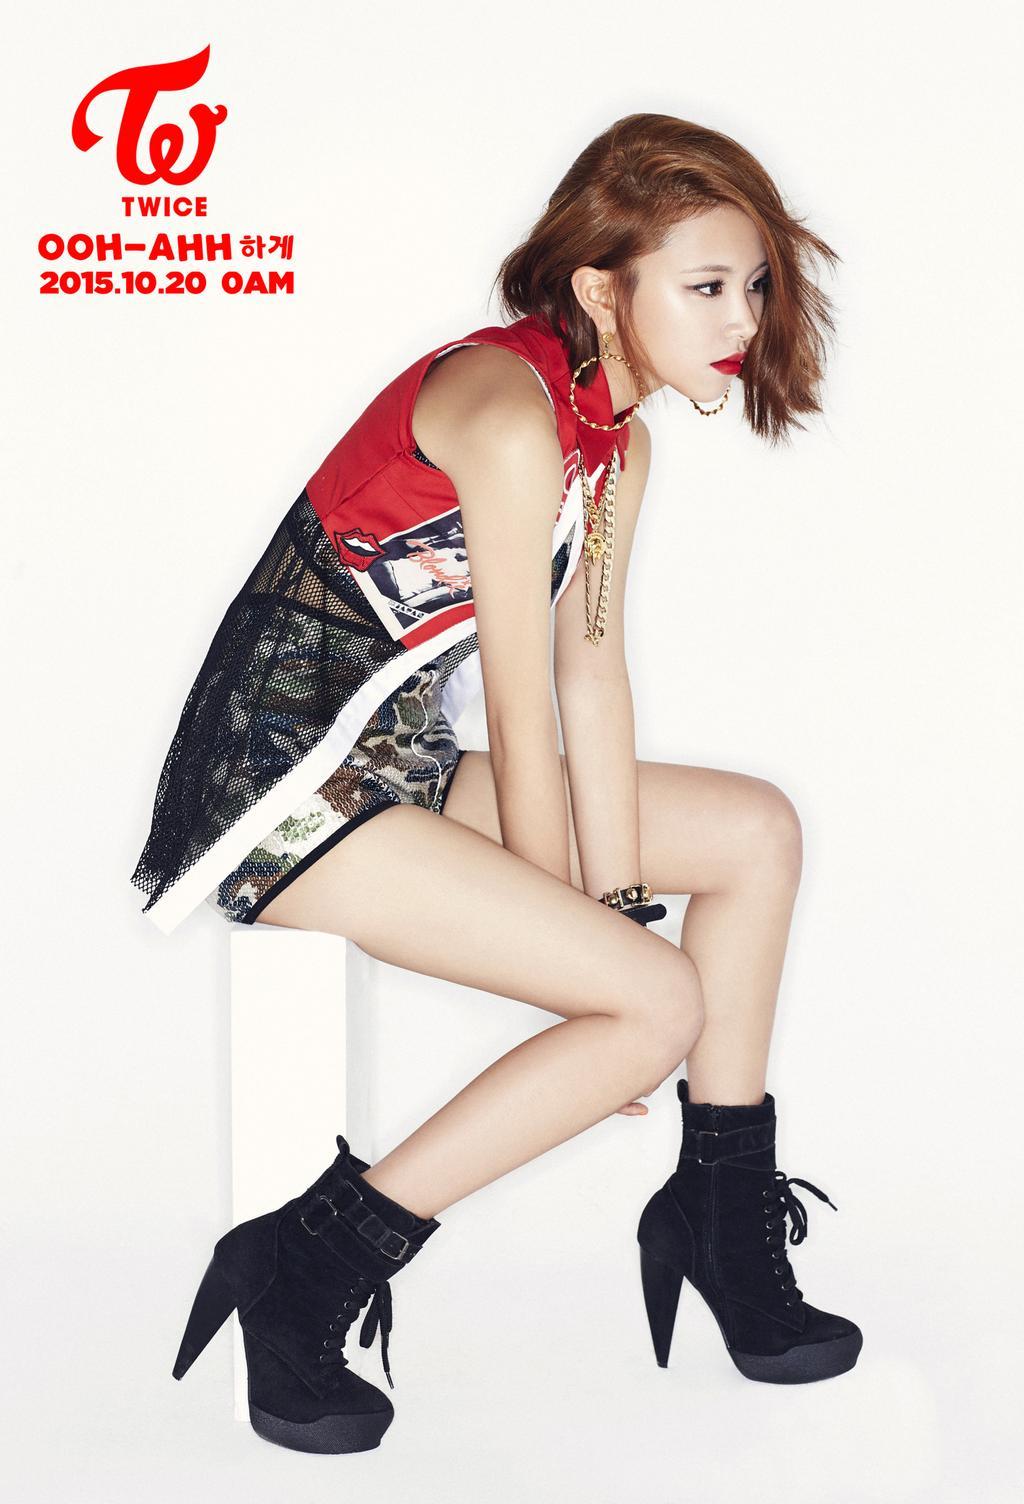 twice kpop membre